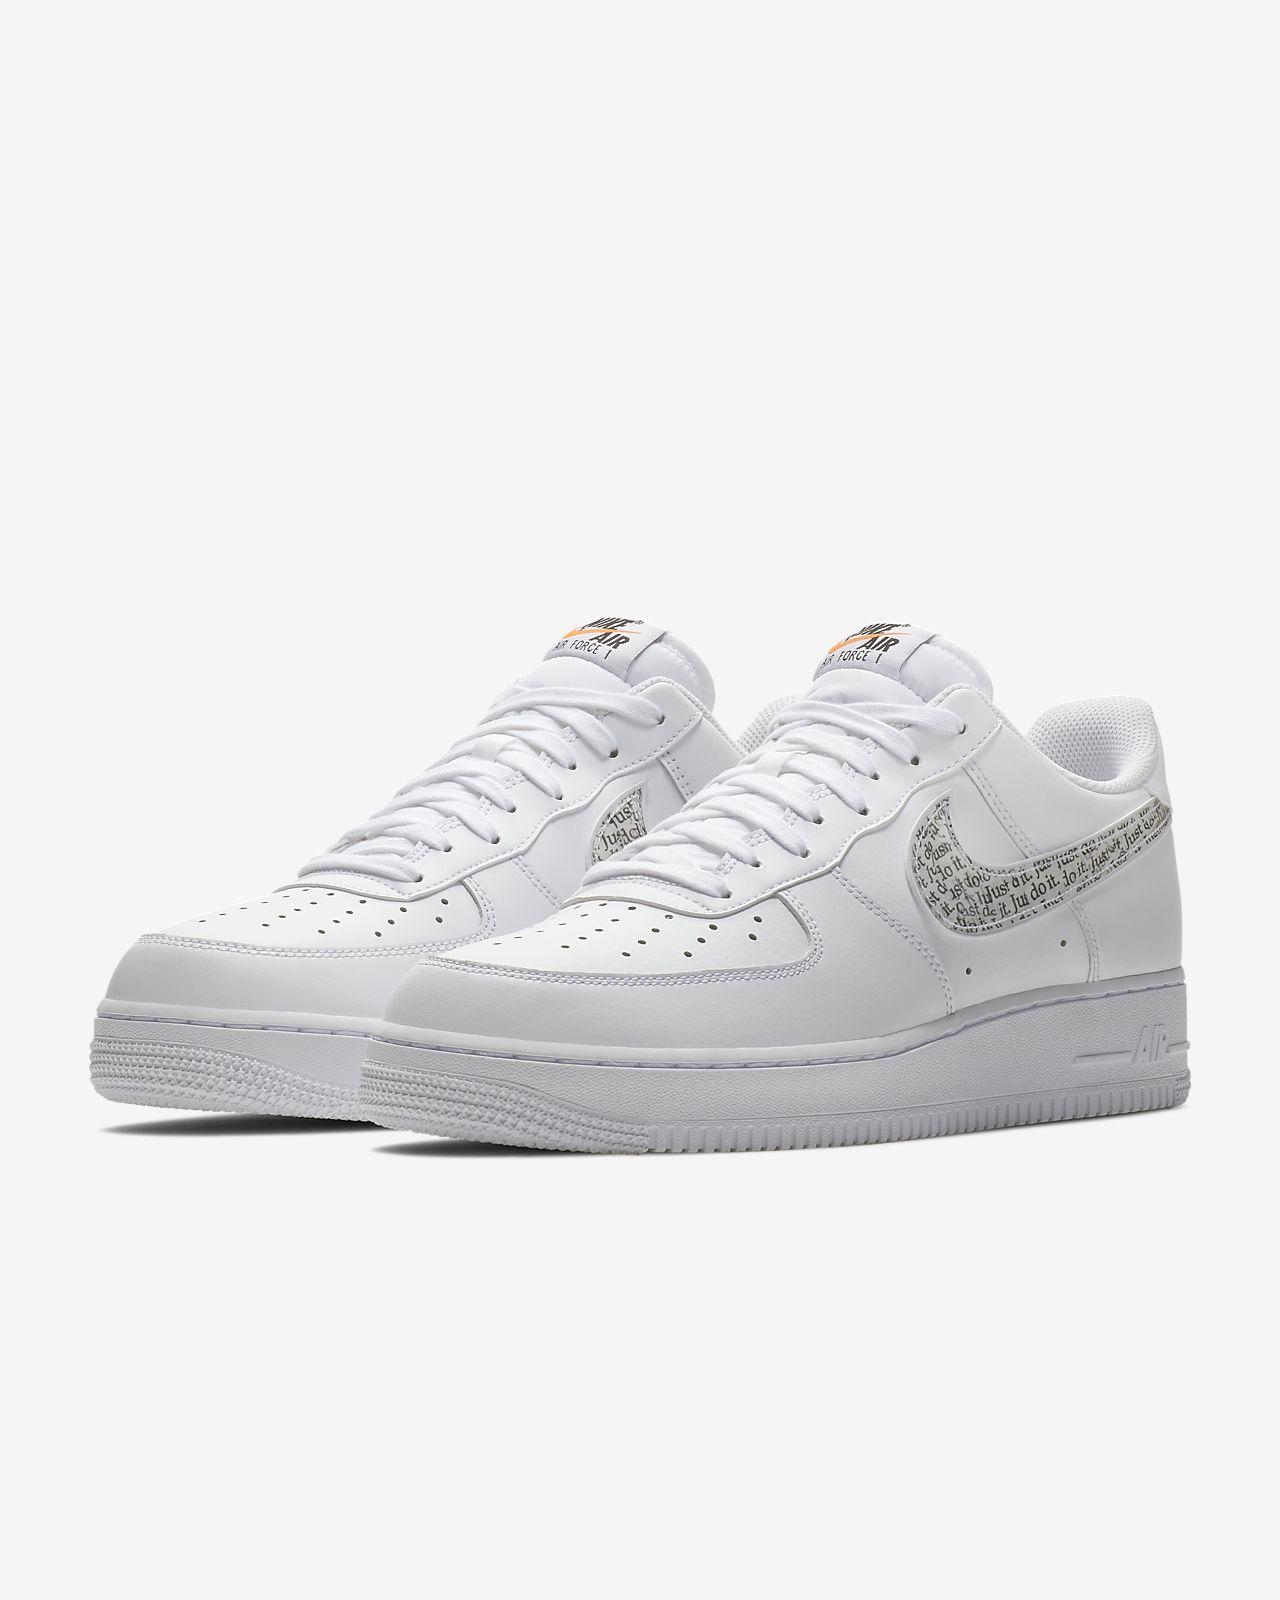 726883d432e5 Nike Air Force 1  07 LV8 JDI LNTC Men s Shoe. Nike.com NO